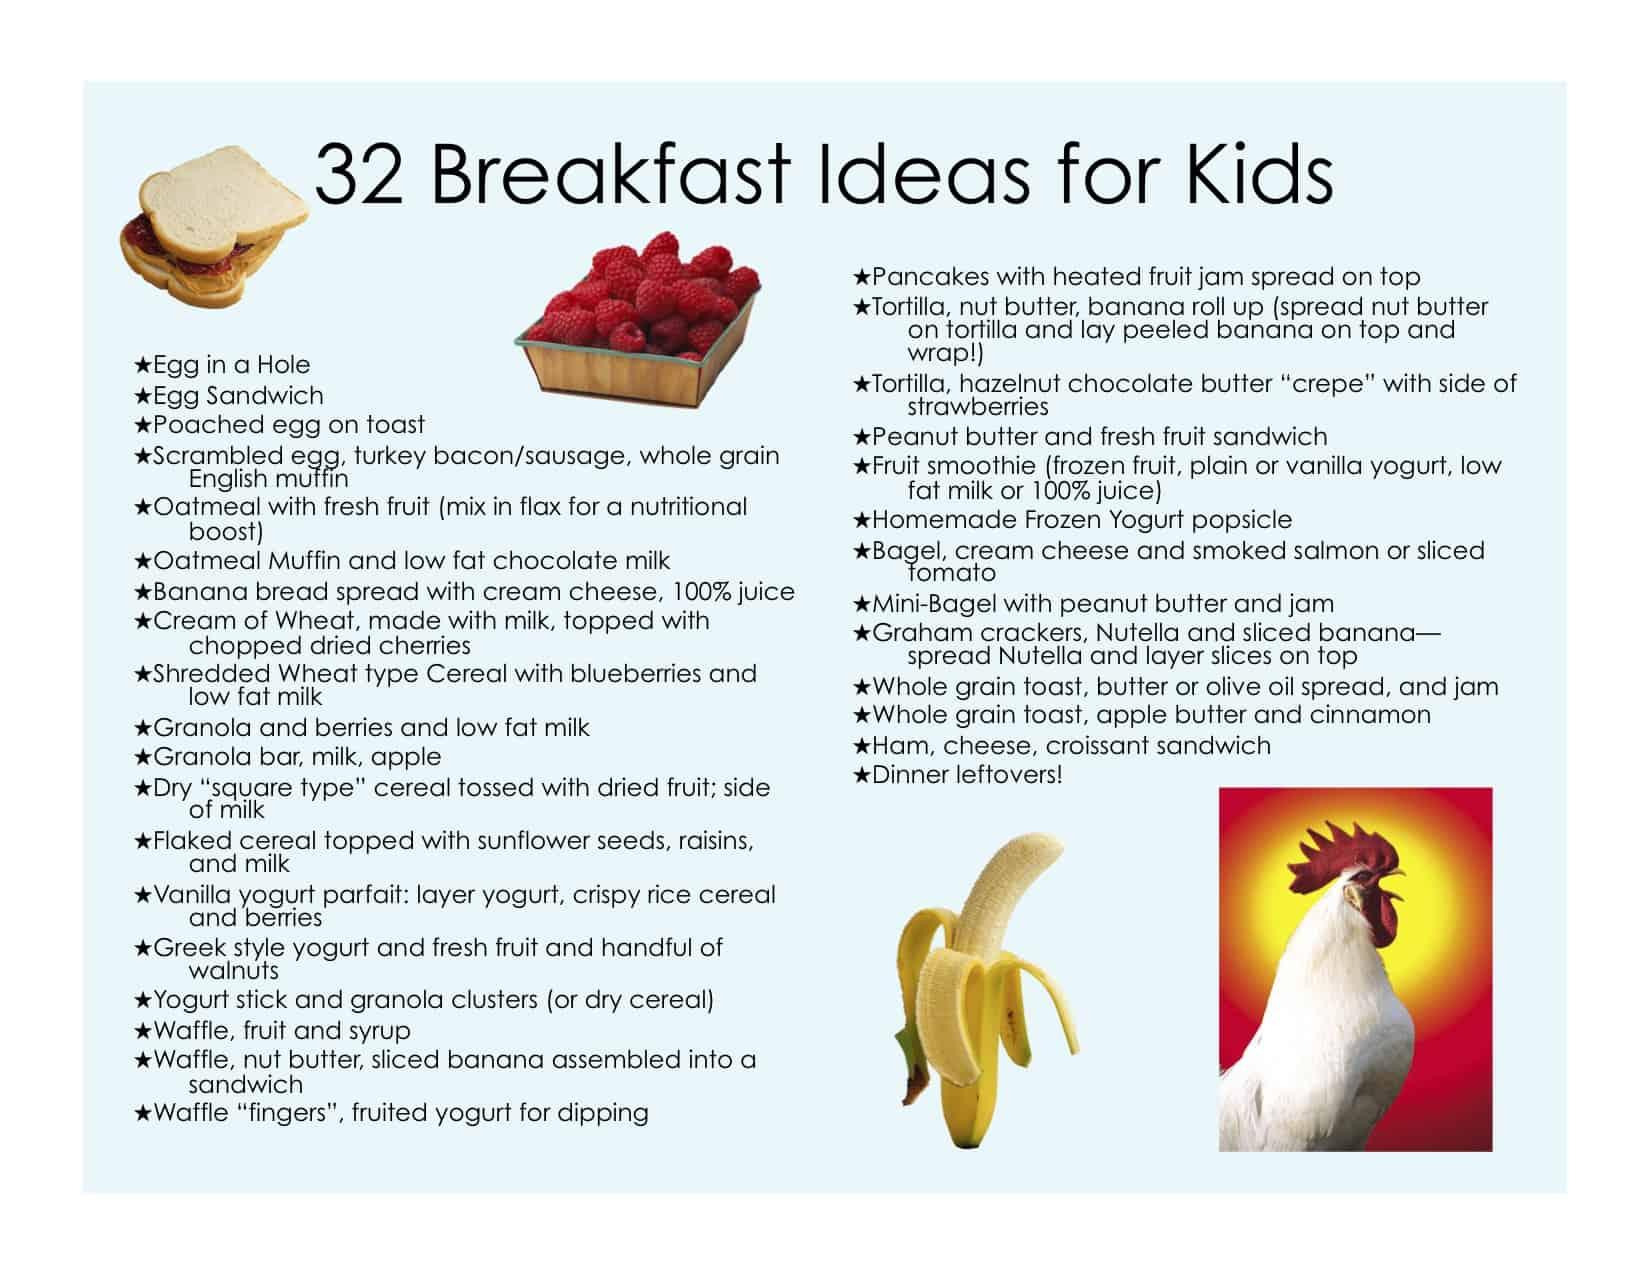 32 Healthy Breakfast Ideas For Kids